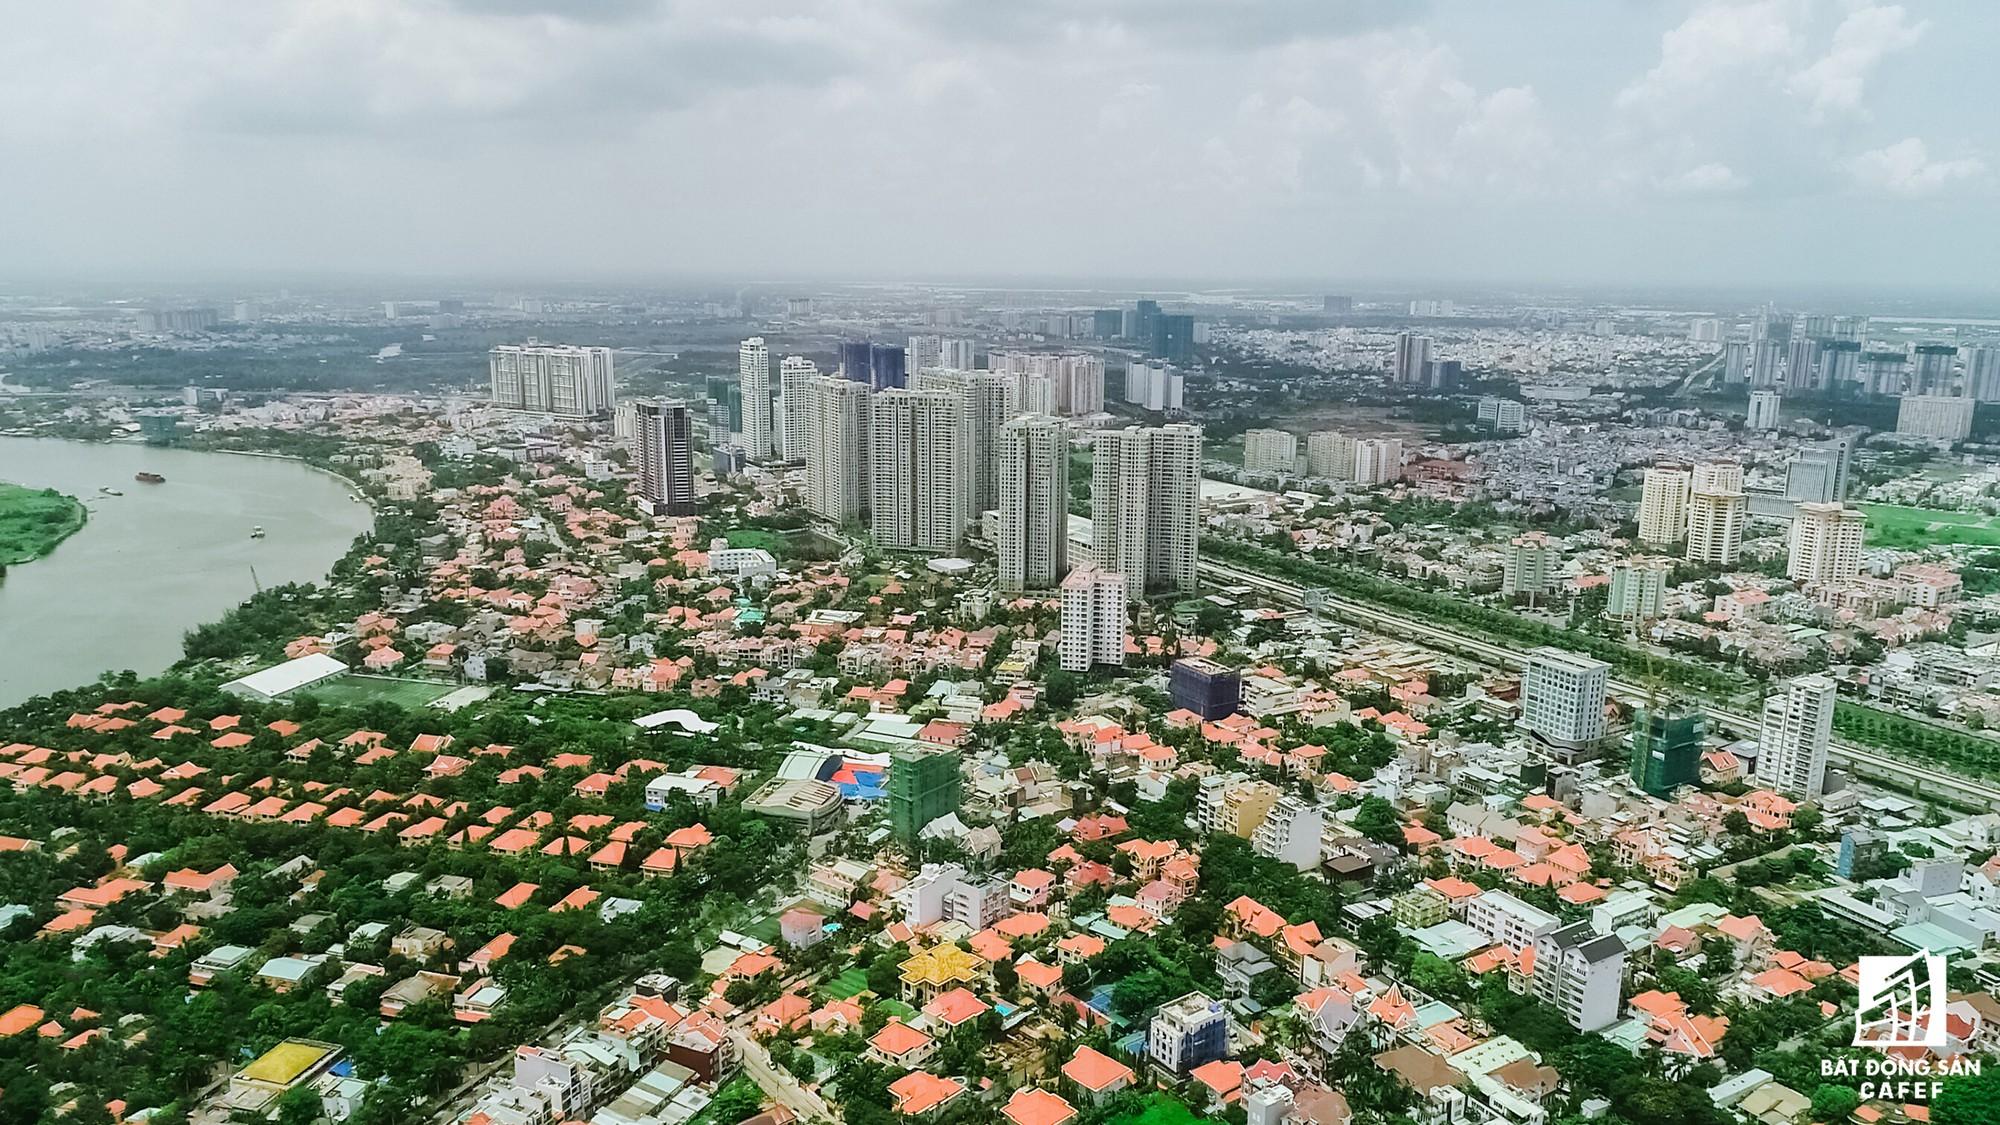 Nhà giàu cũng khóc trong những khu biệt thự sang chảnh bậc nhất Sài Gòn-2